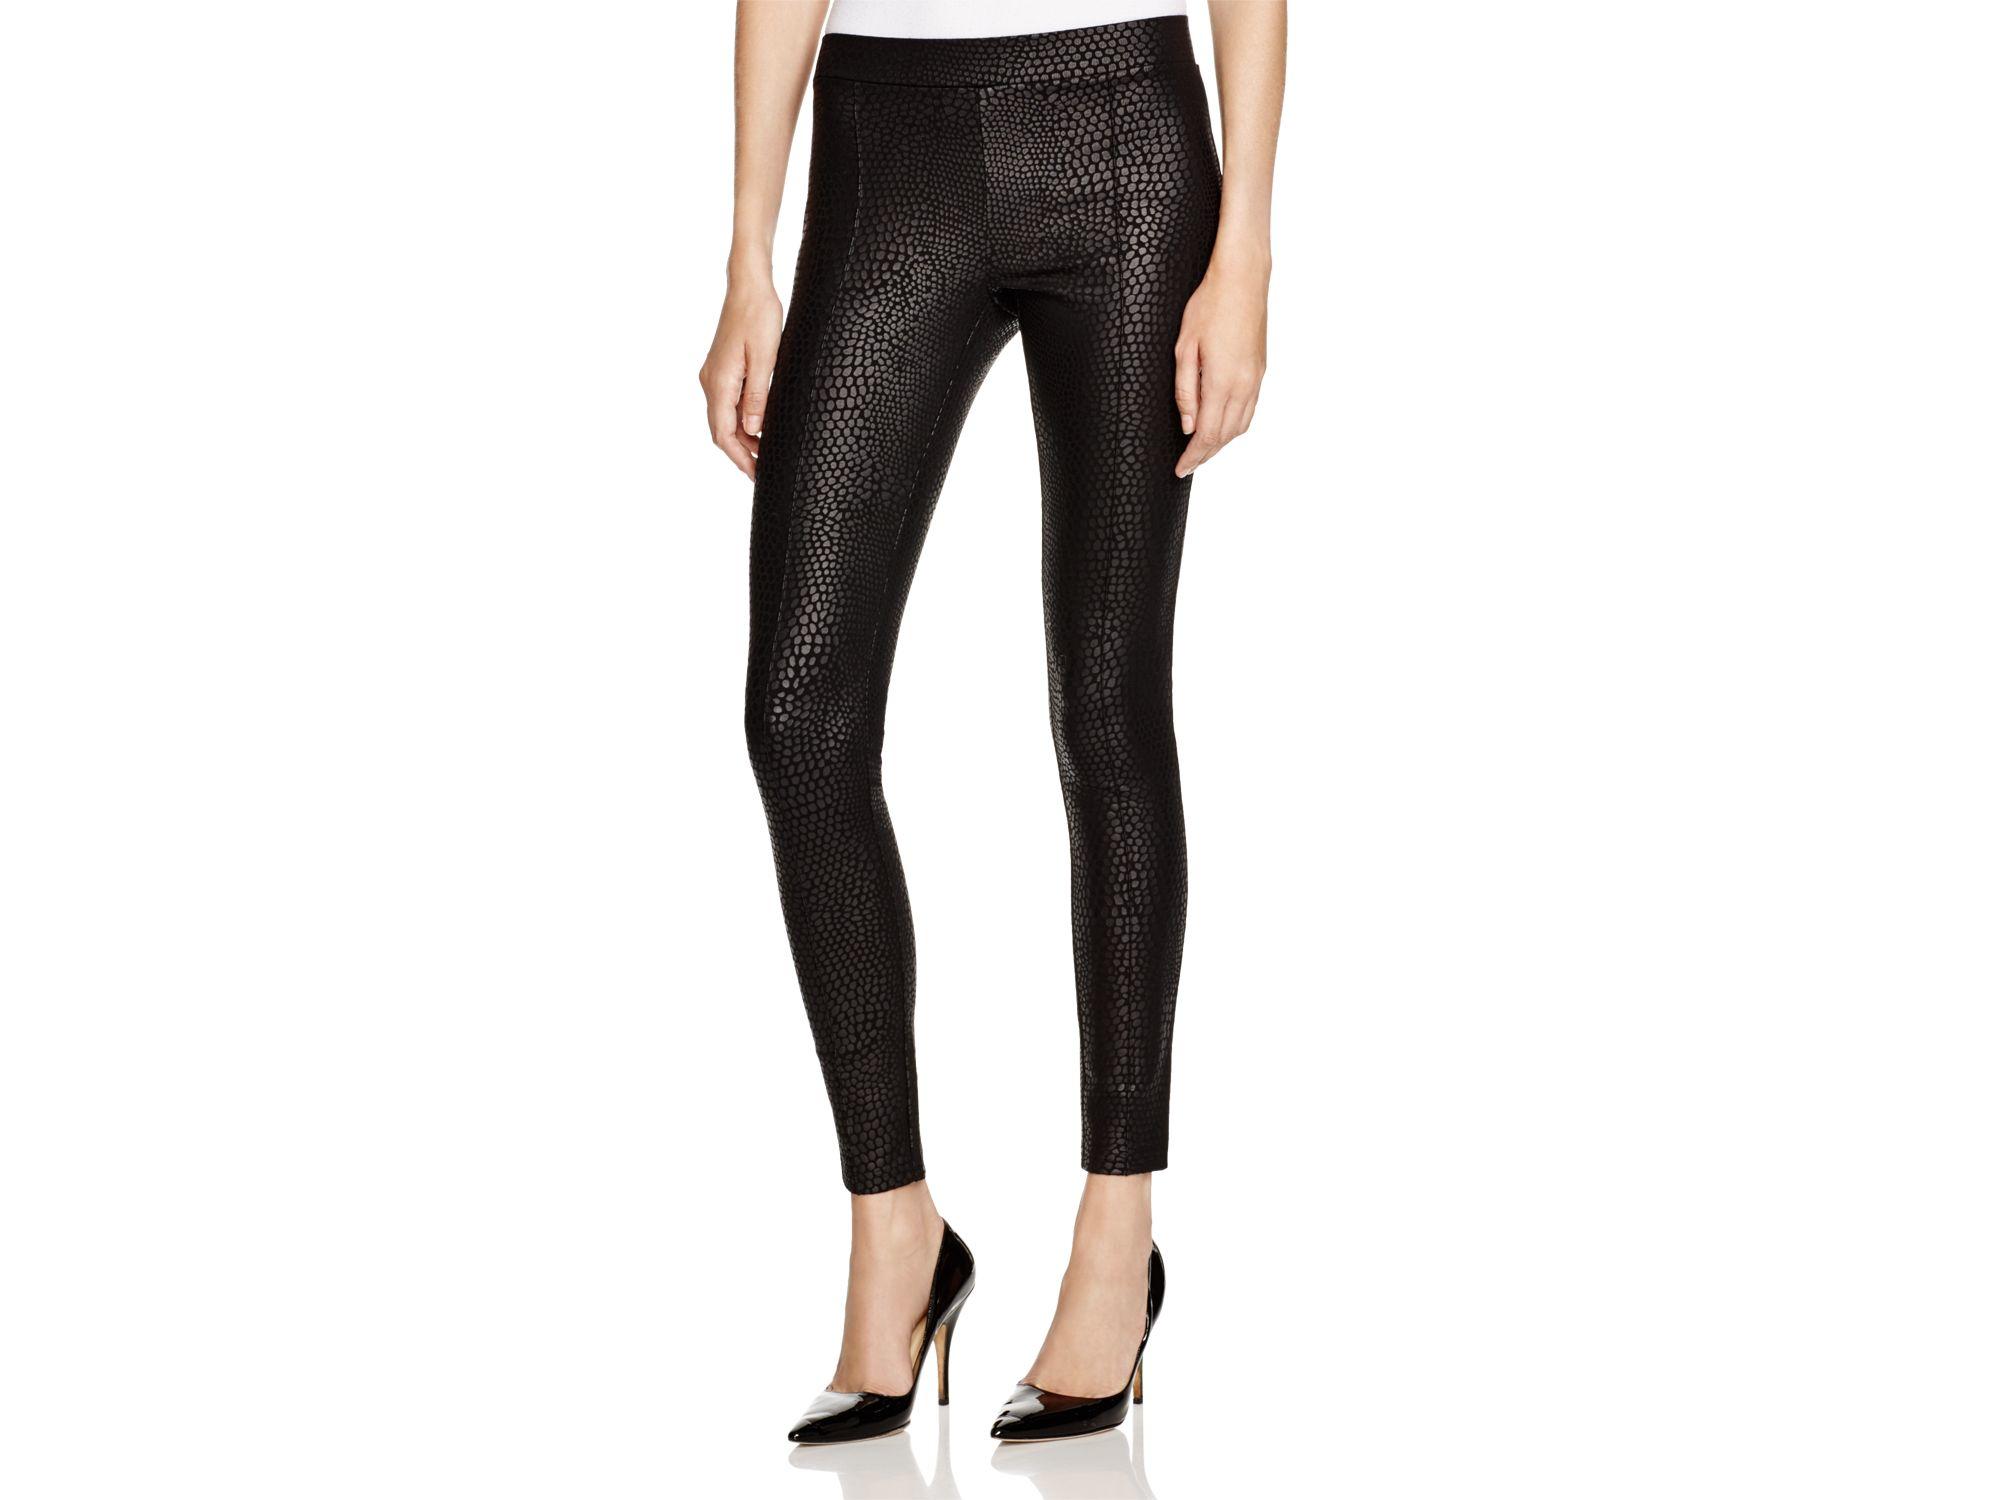 Hue Python Print Sleek Ponte Leggings in Black | Lyst